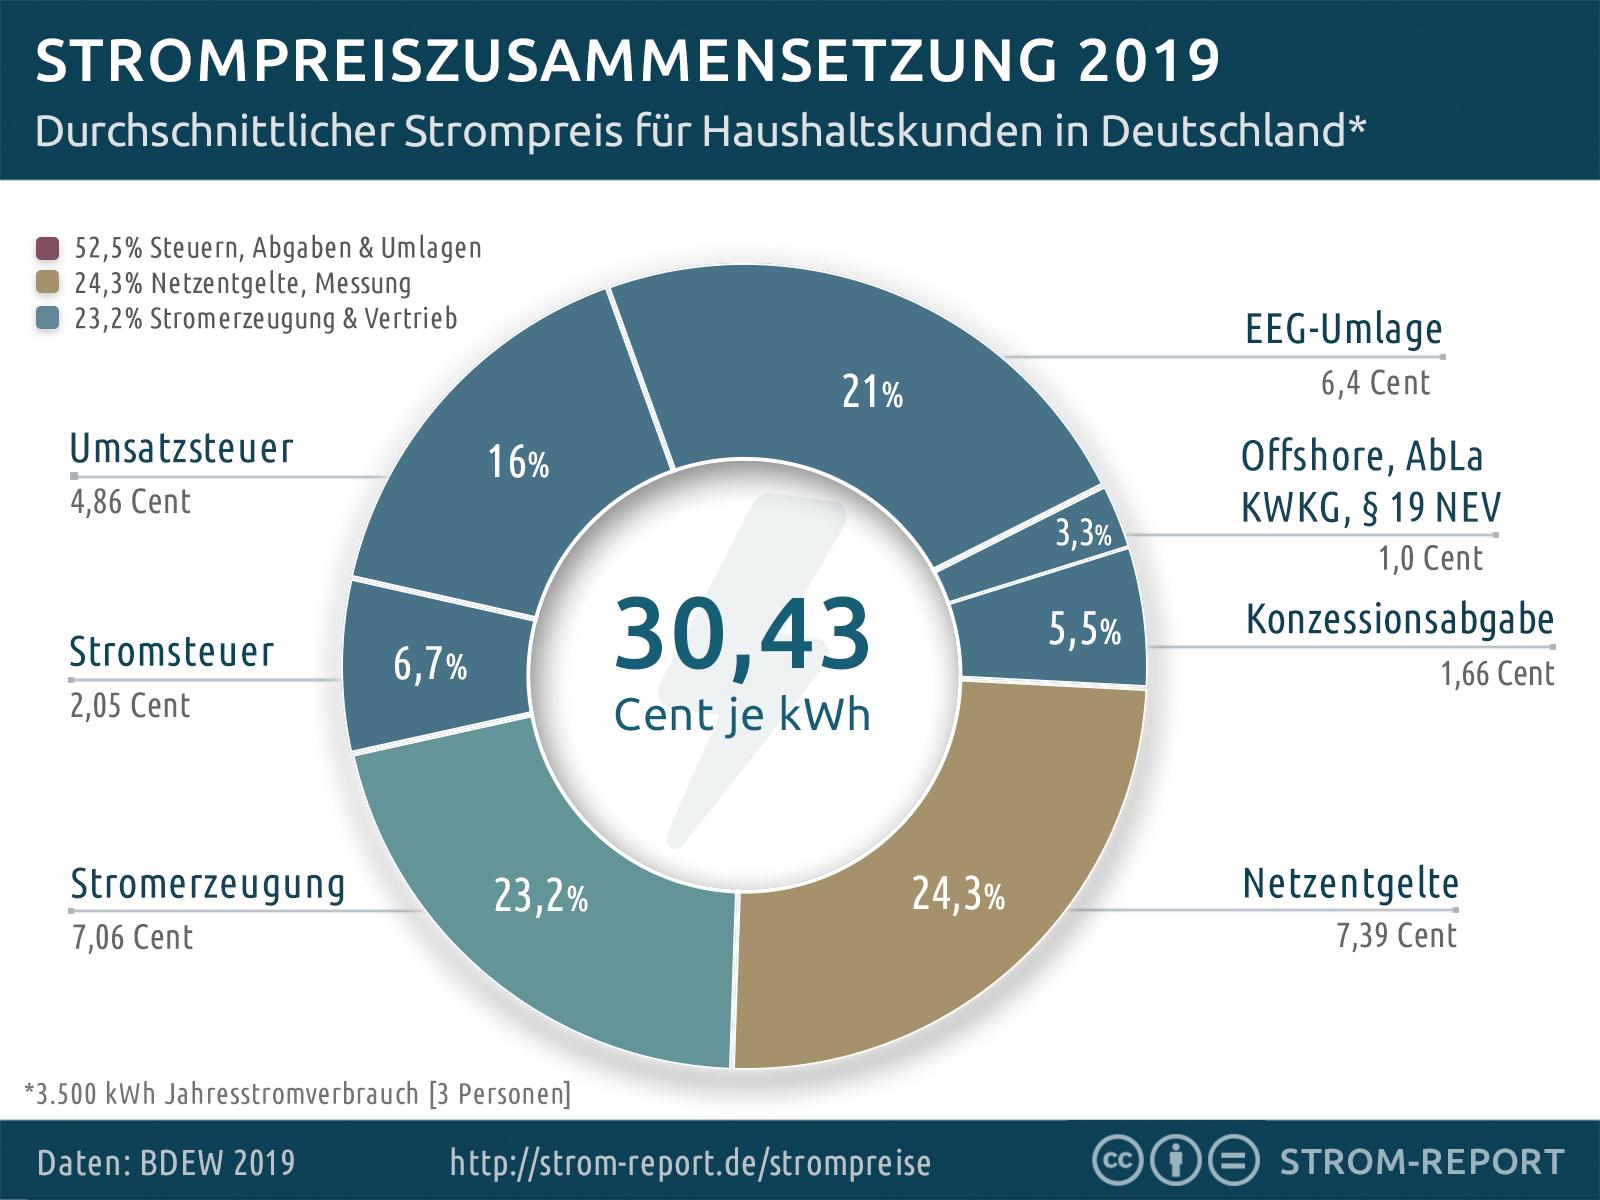 Zusammensetzung Strompreis 2019